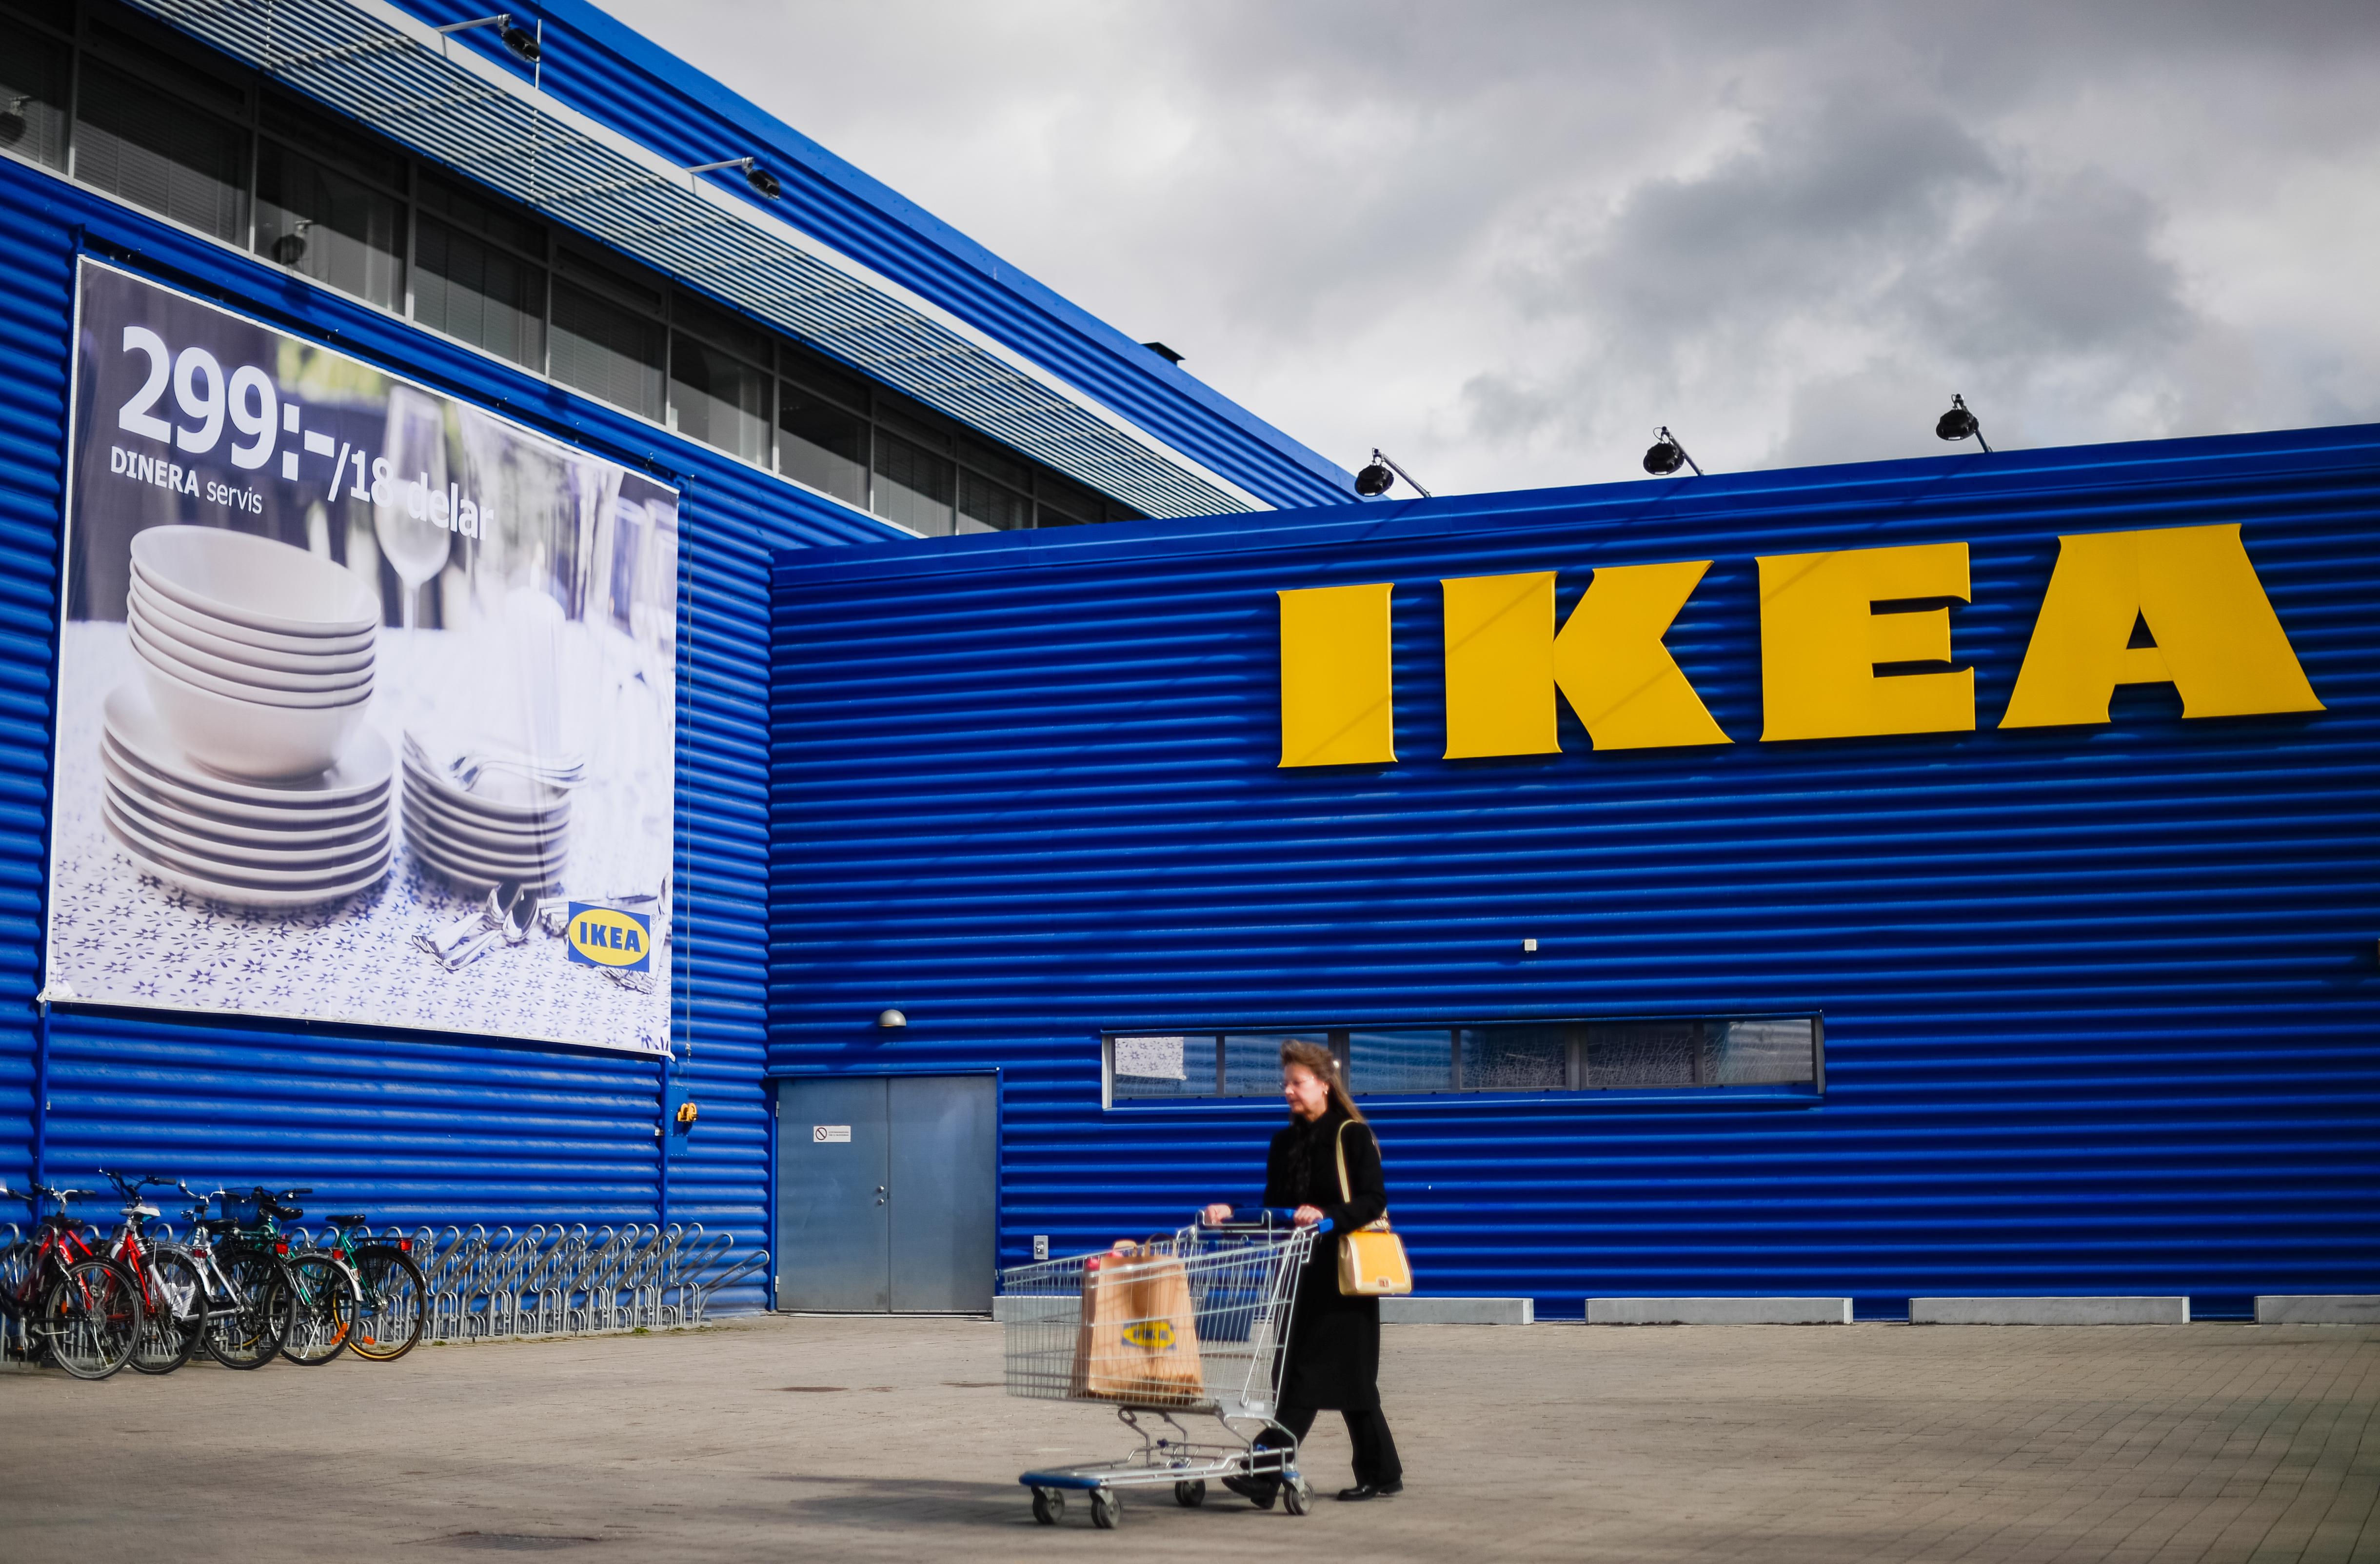 Éveken át kémkedhettek dolgozóik után a francia IKEA vezetői